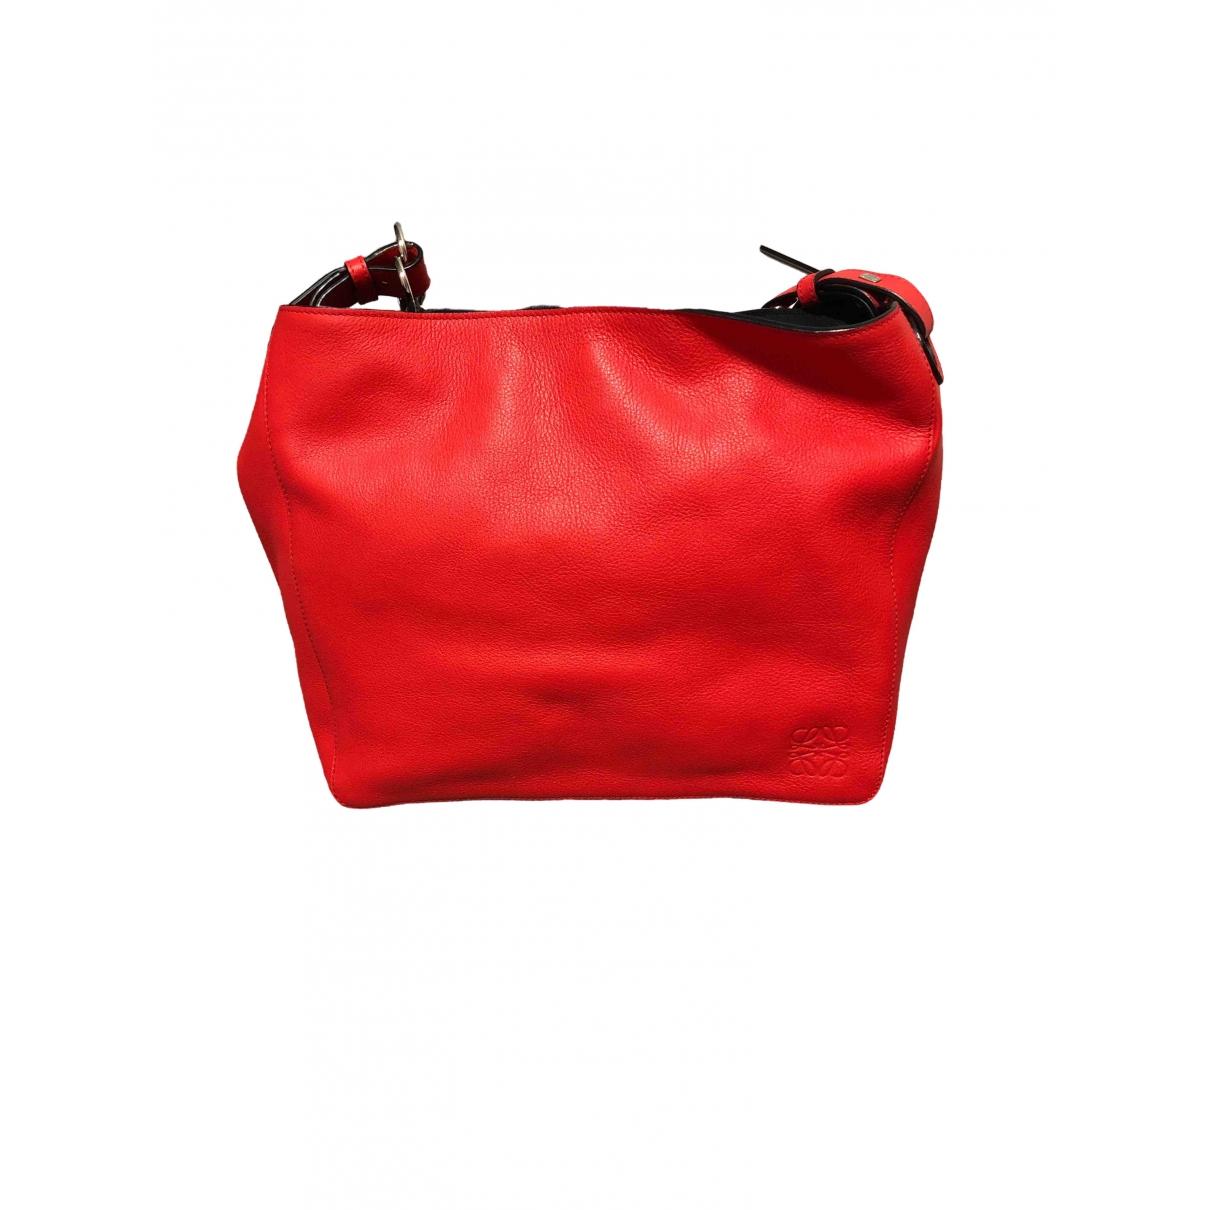 Loewe \N Red Leather handbag for Women \N